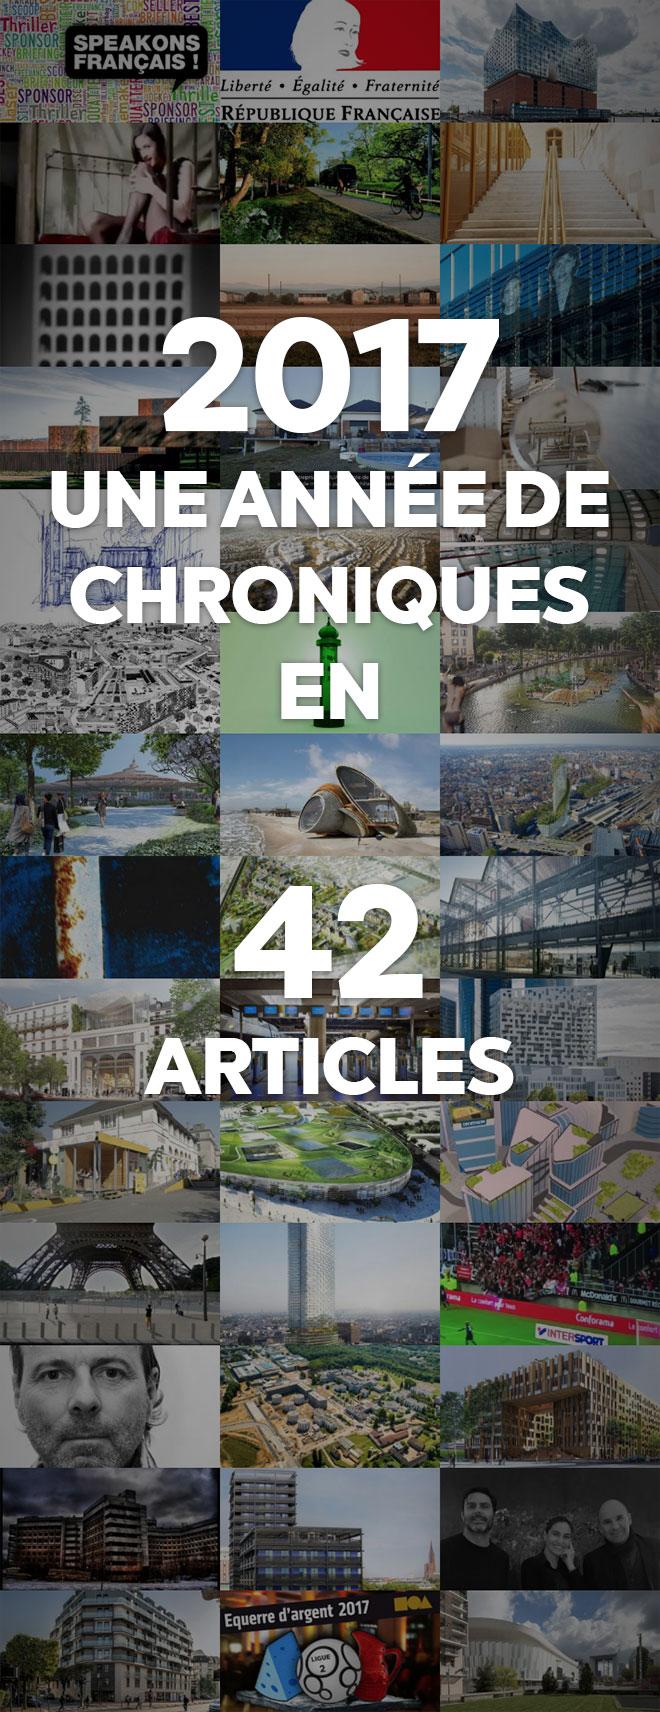 2017 une année de Chroniques en 42 articles